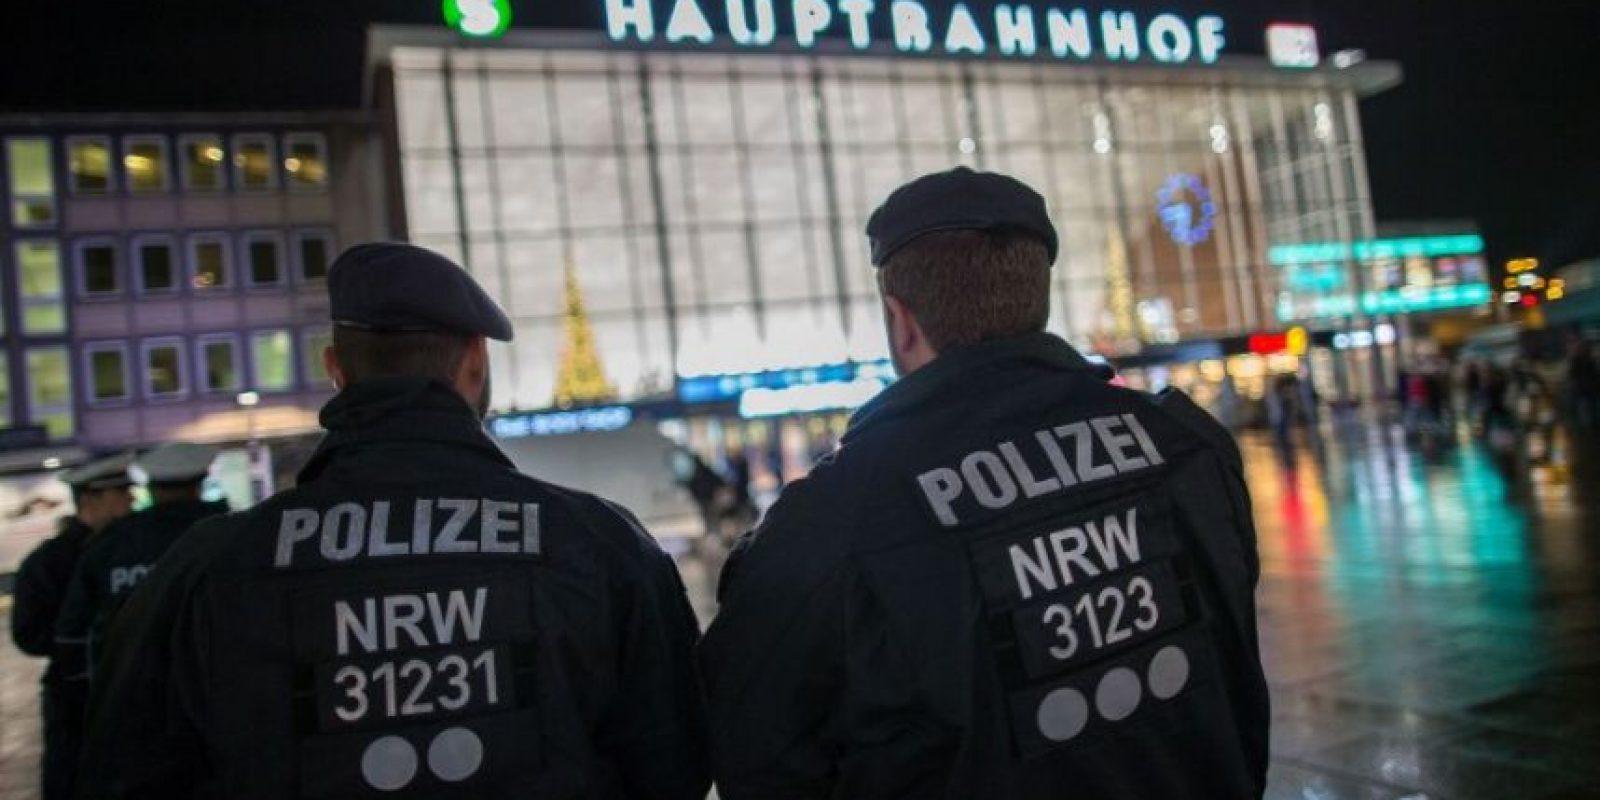 Los asaltos en Colonia parecen haber contribuido al cambio en la opinión de algunos sobre la política de la canciller Angela Merkel. Foto:AFP